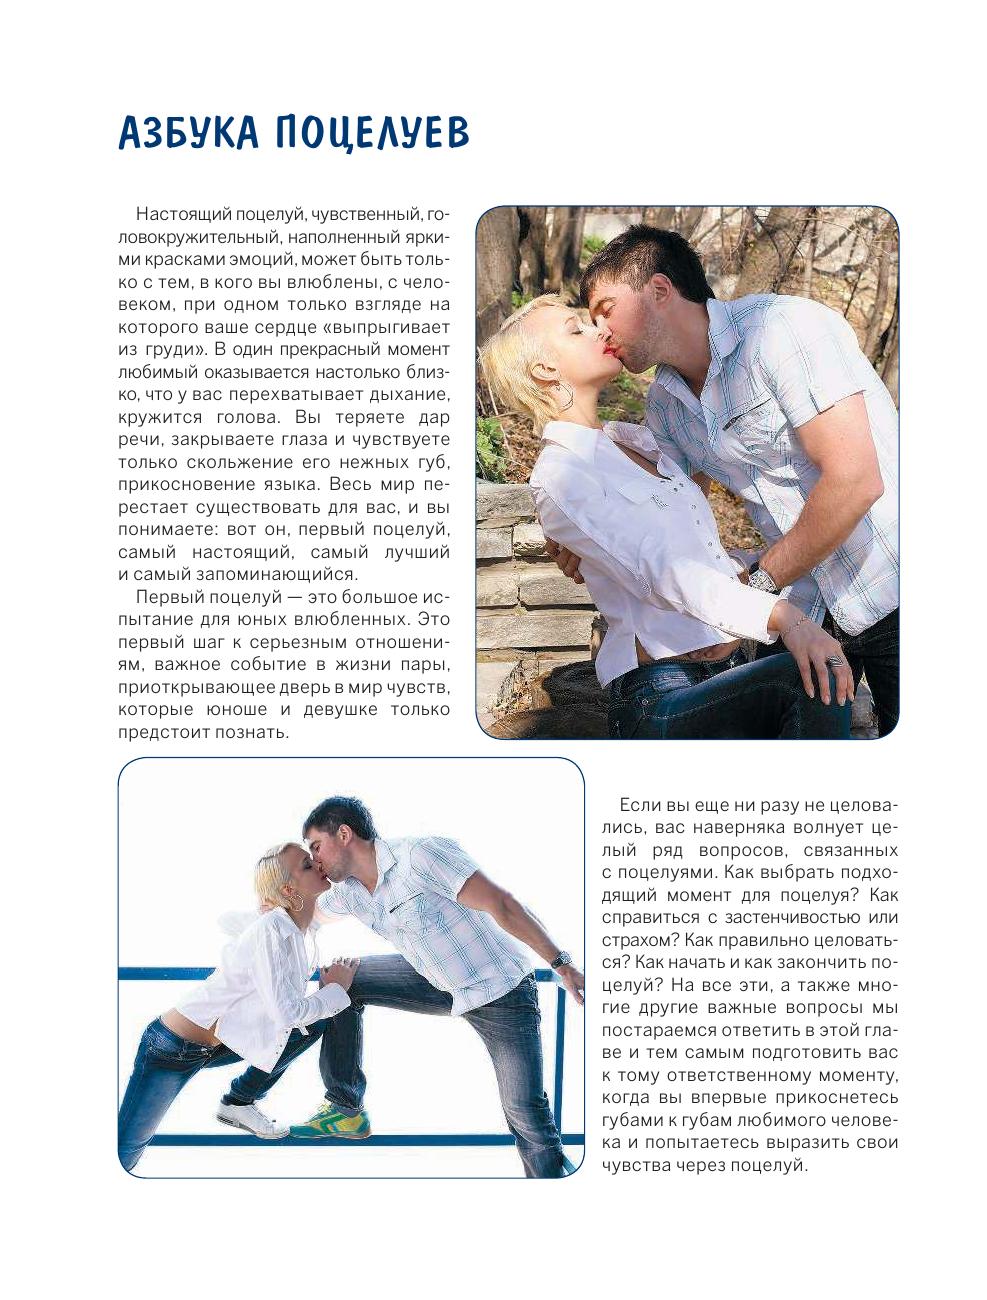 Что такое французский поцелуй: понятие, пошаговая инструкция